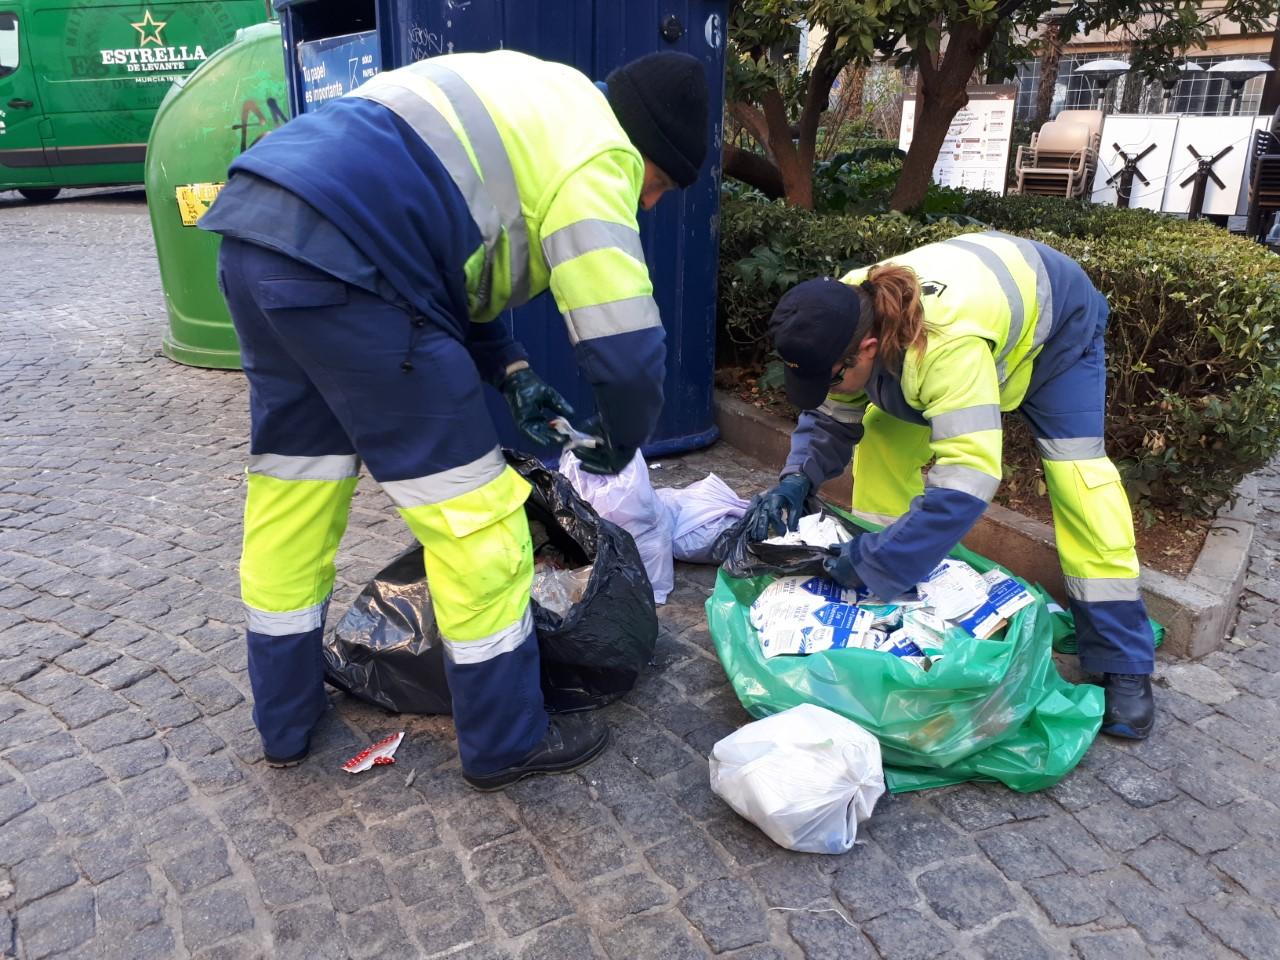 Trasladado al hospital tras caer desde el interior de un contenedor durante el vaciado de residuos